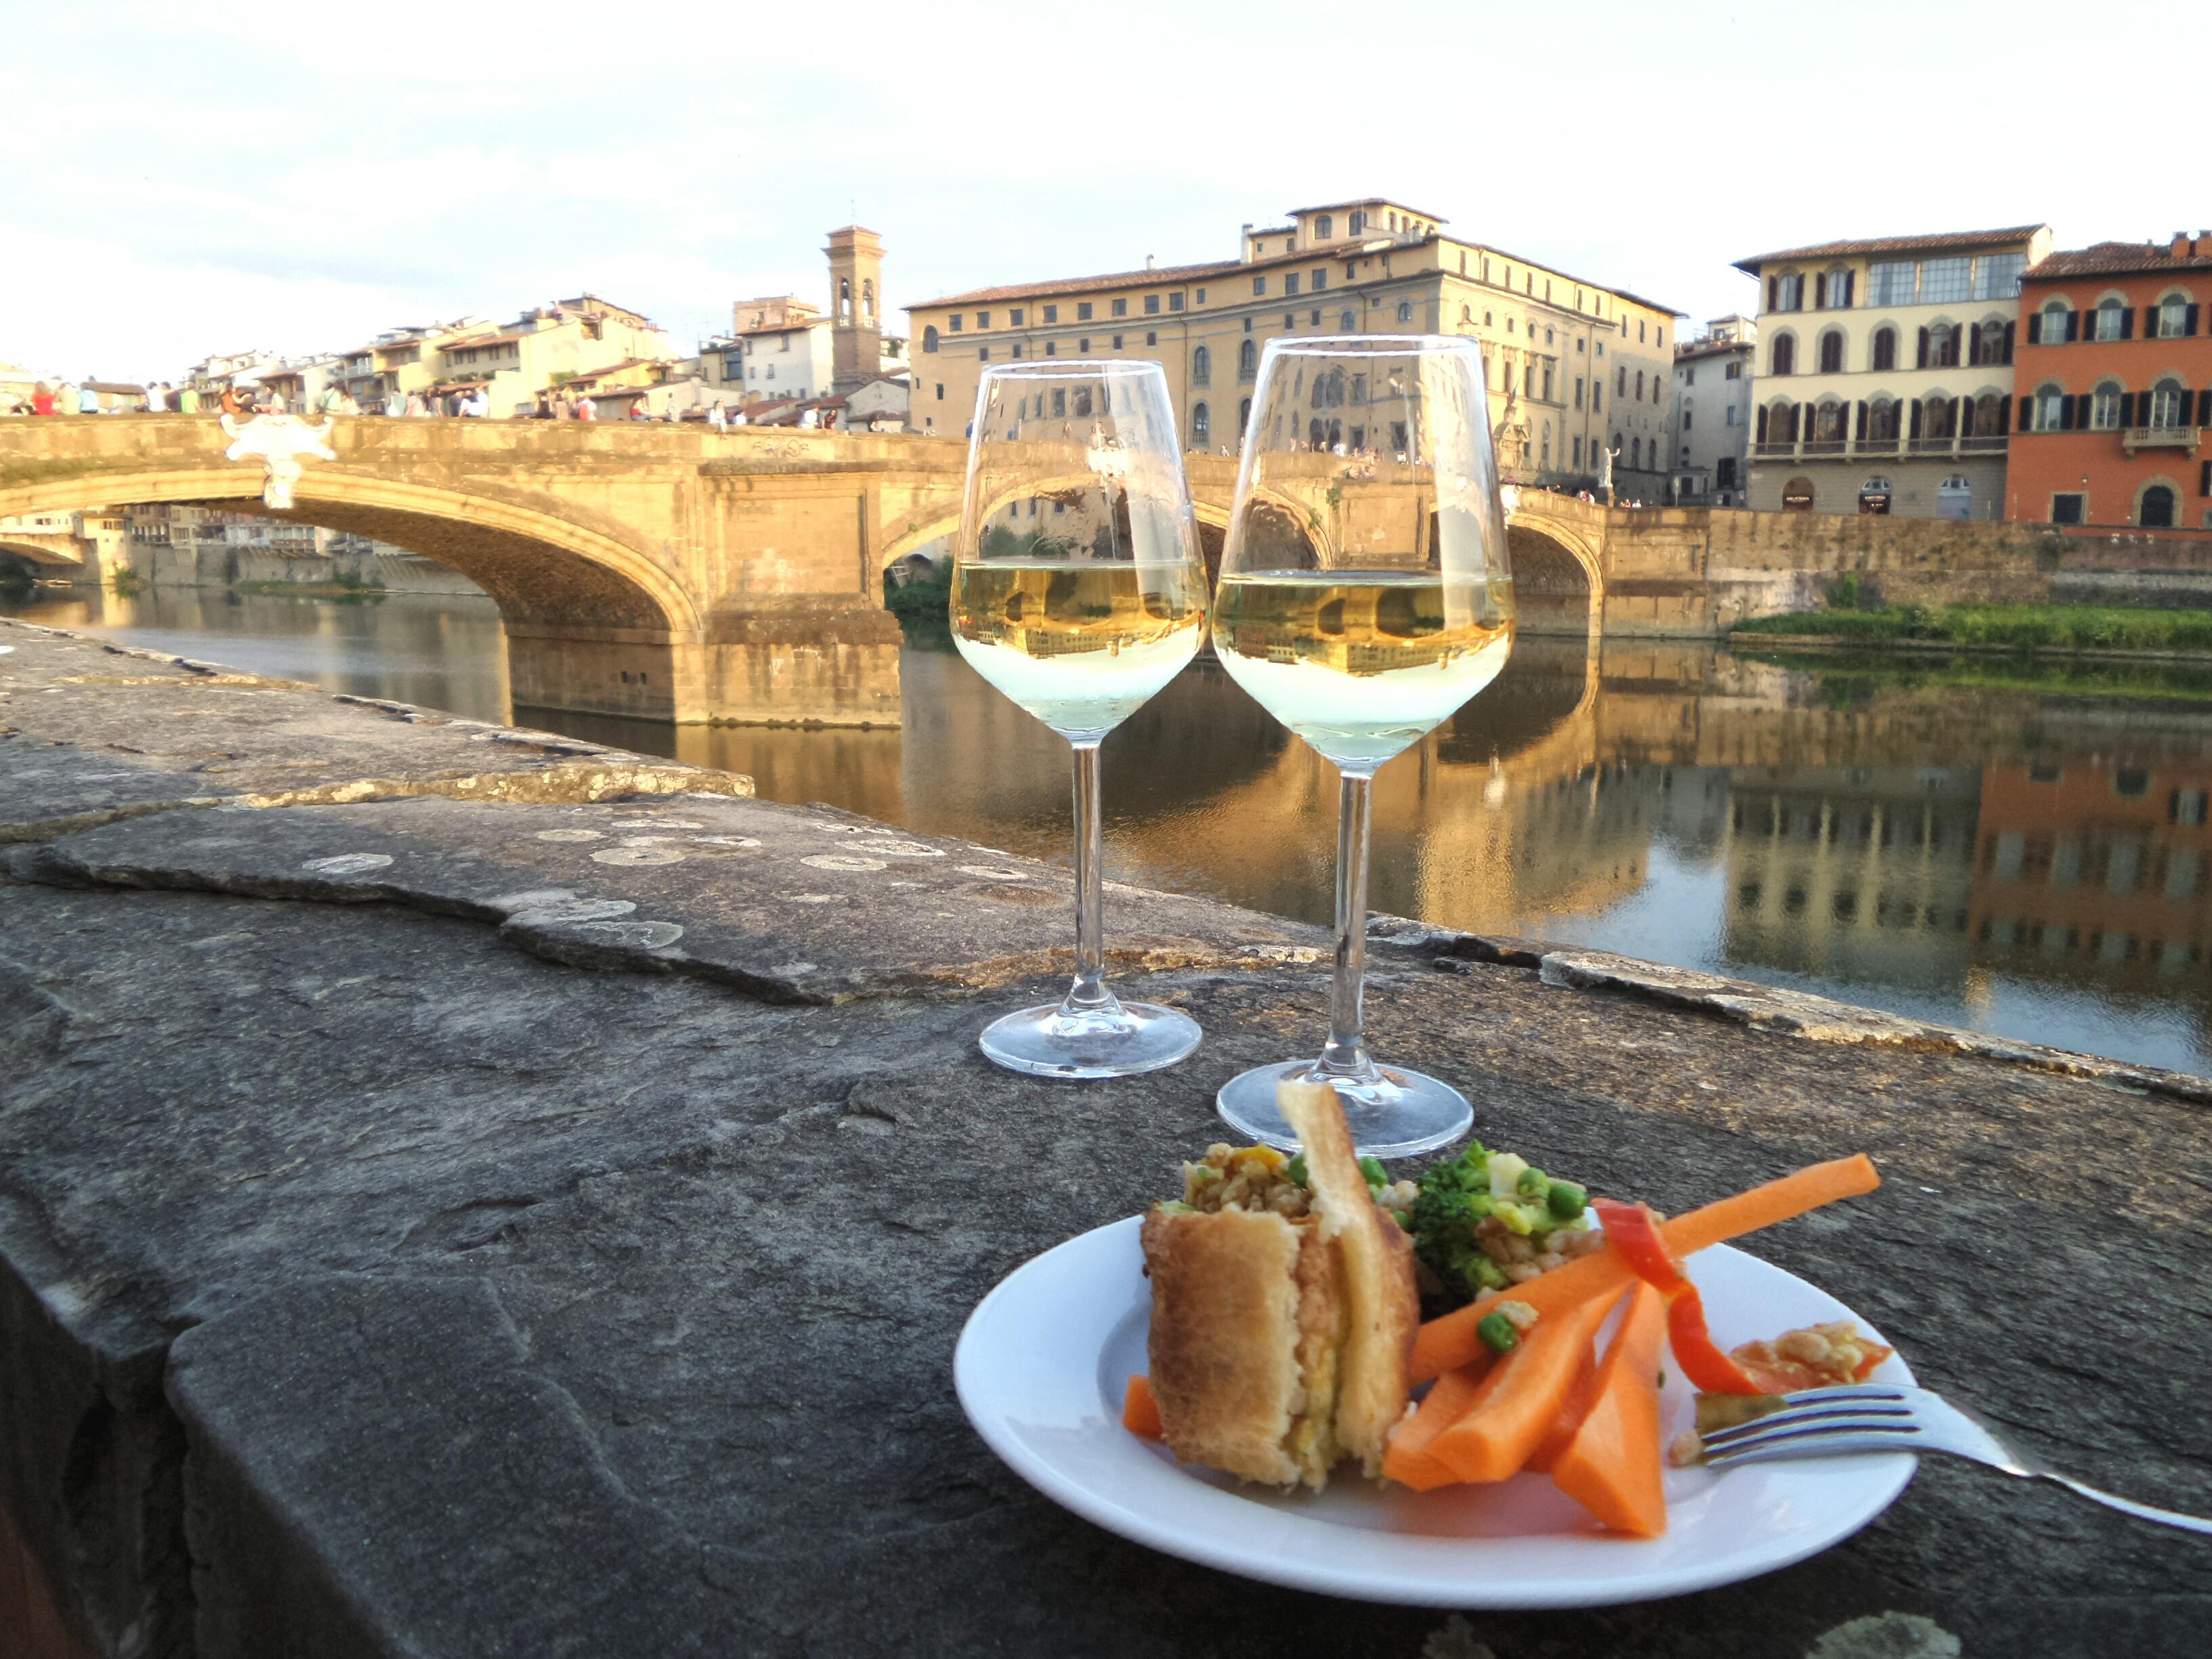 Aperitivo A Firenze Rivalta Villa Cora Sesto On Arno Just Me